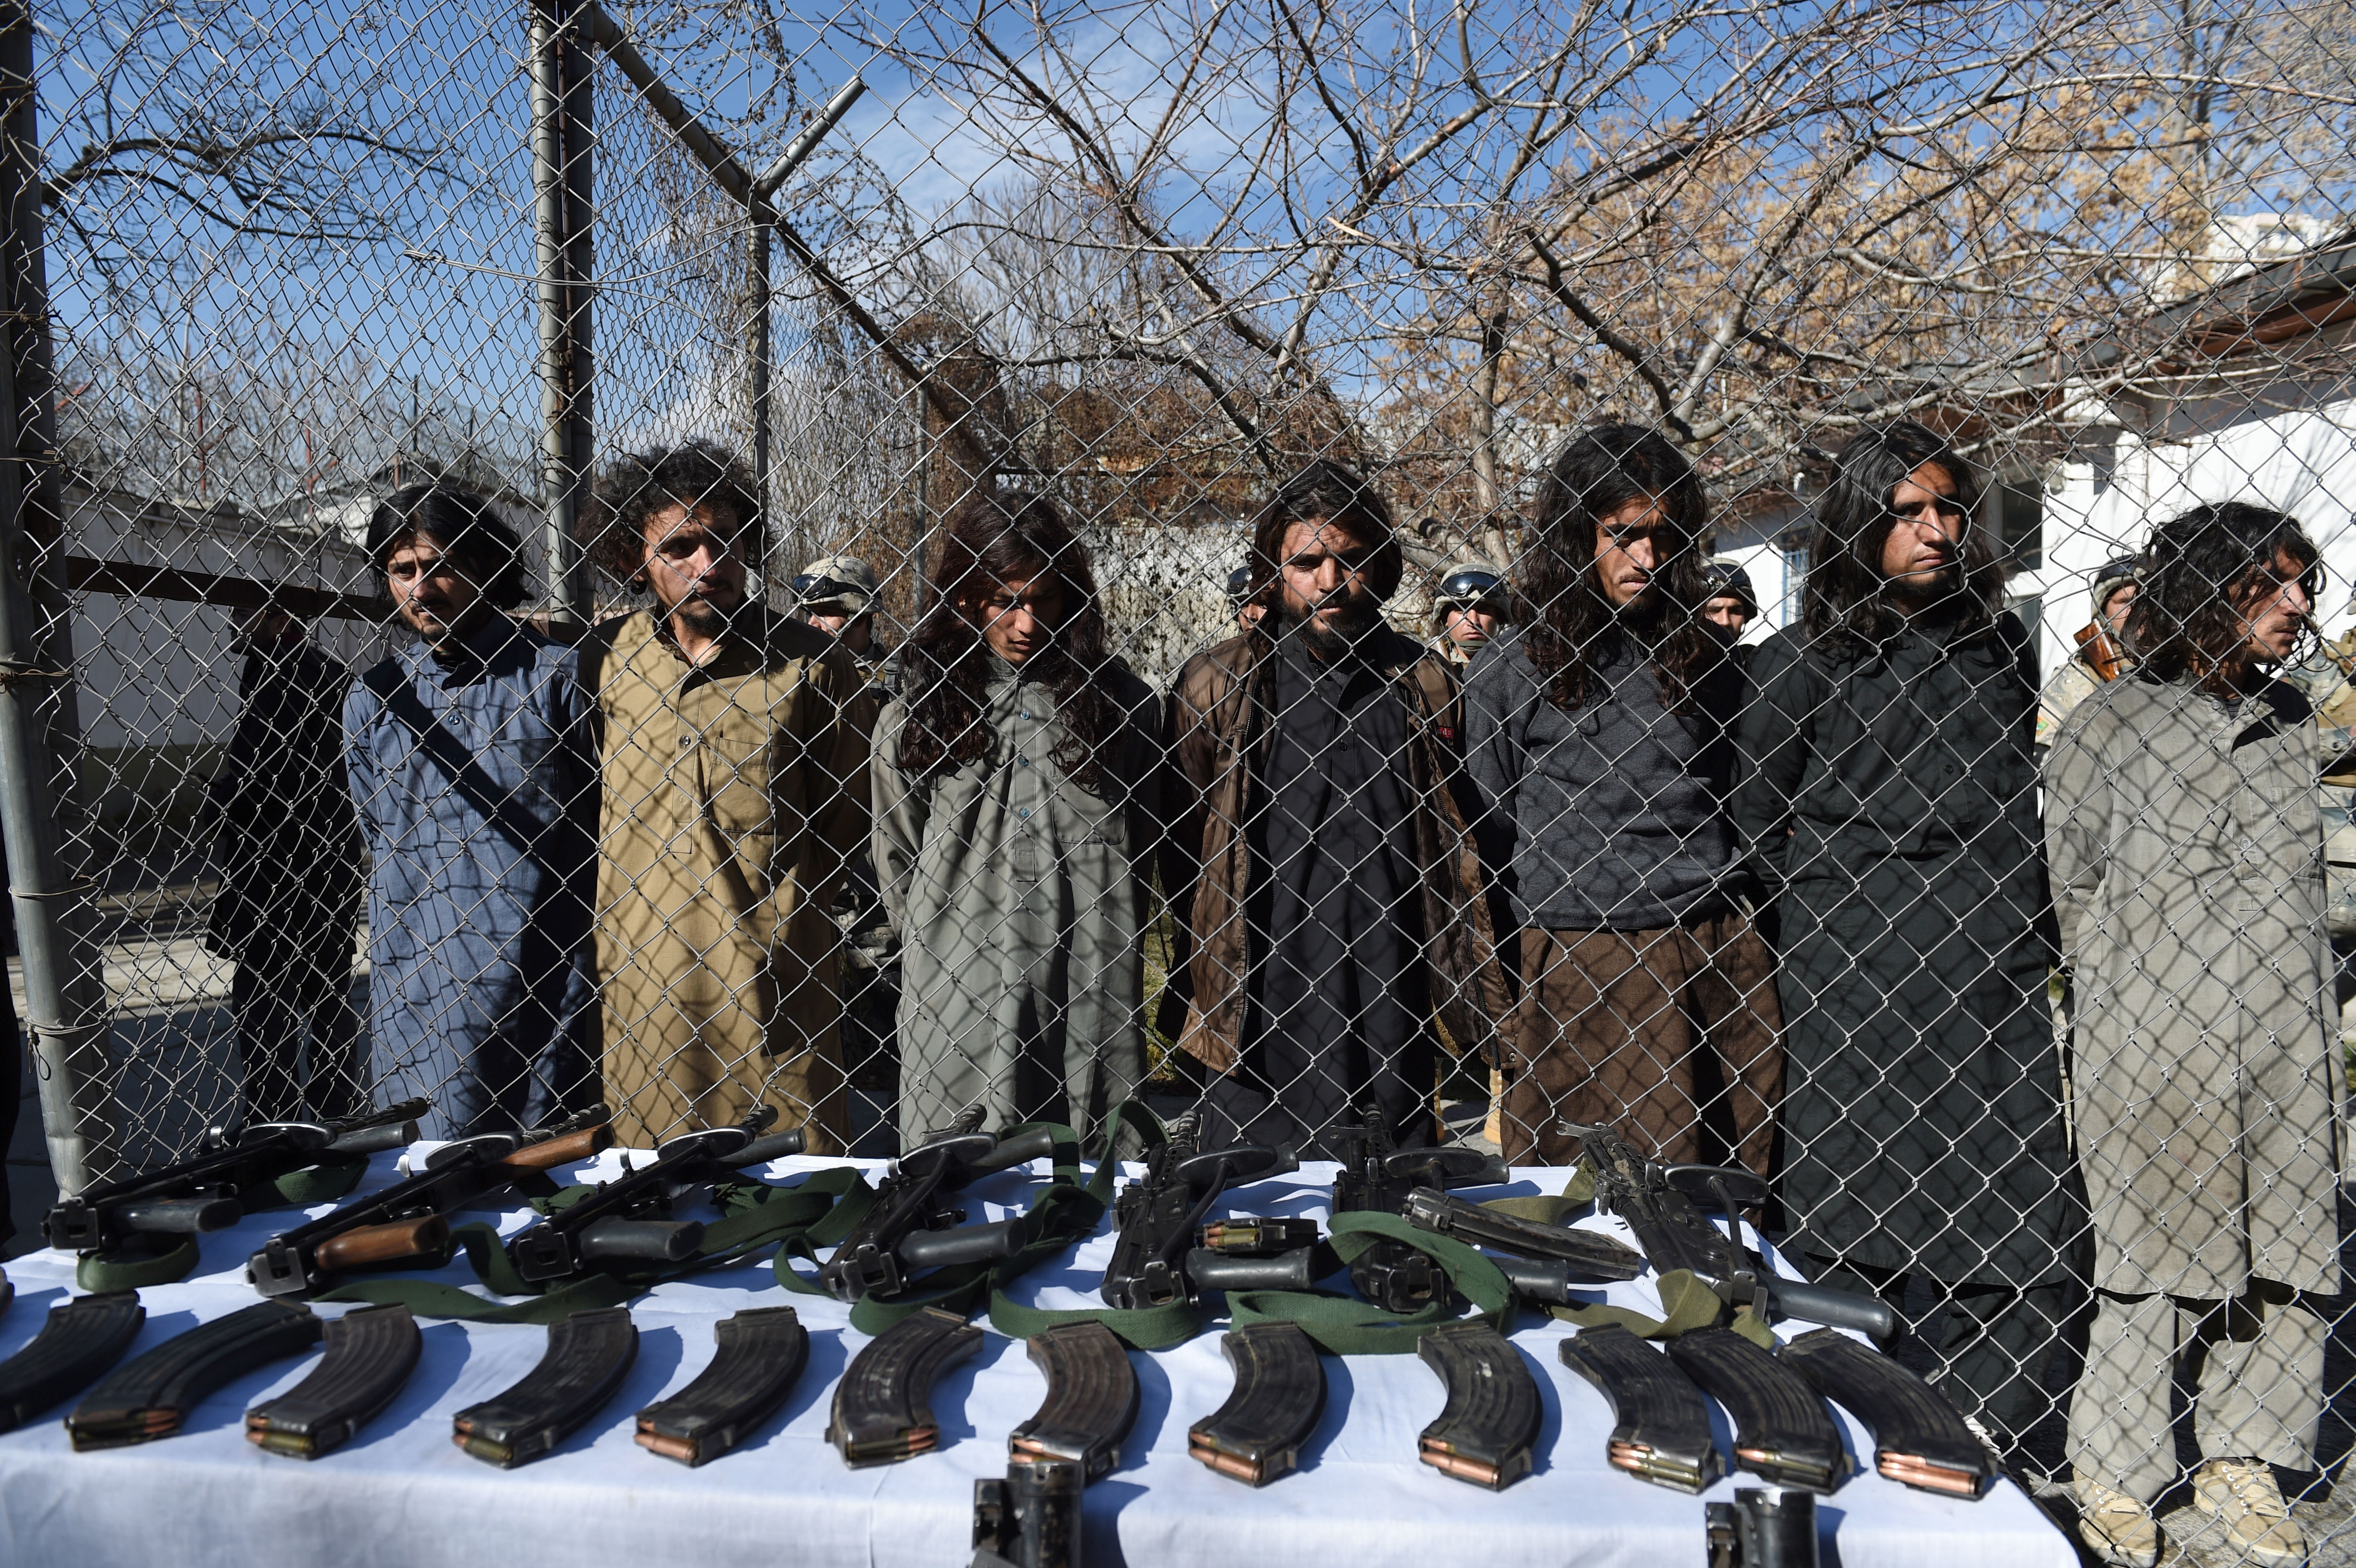 تشدید اقدامات علیه شبه نظامیان در افغانستان و پاکستان «ثمربخش» بوده است